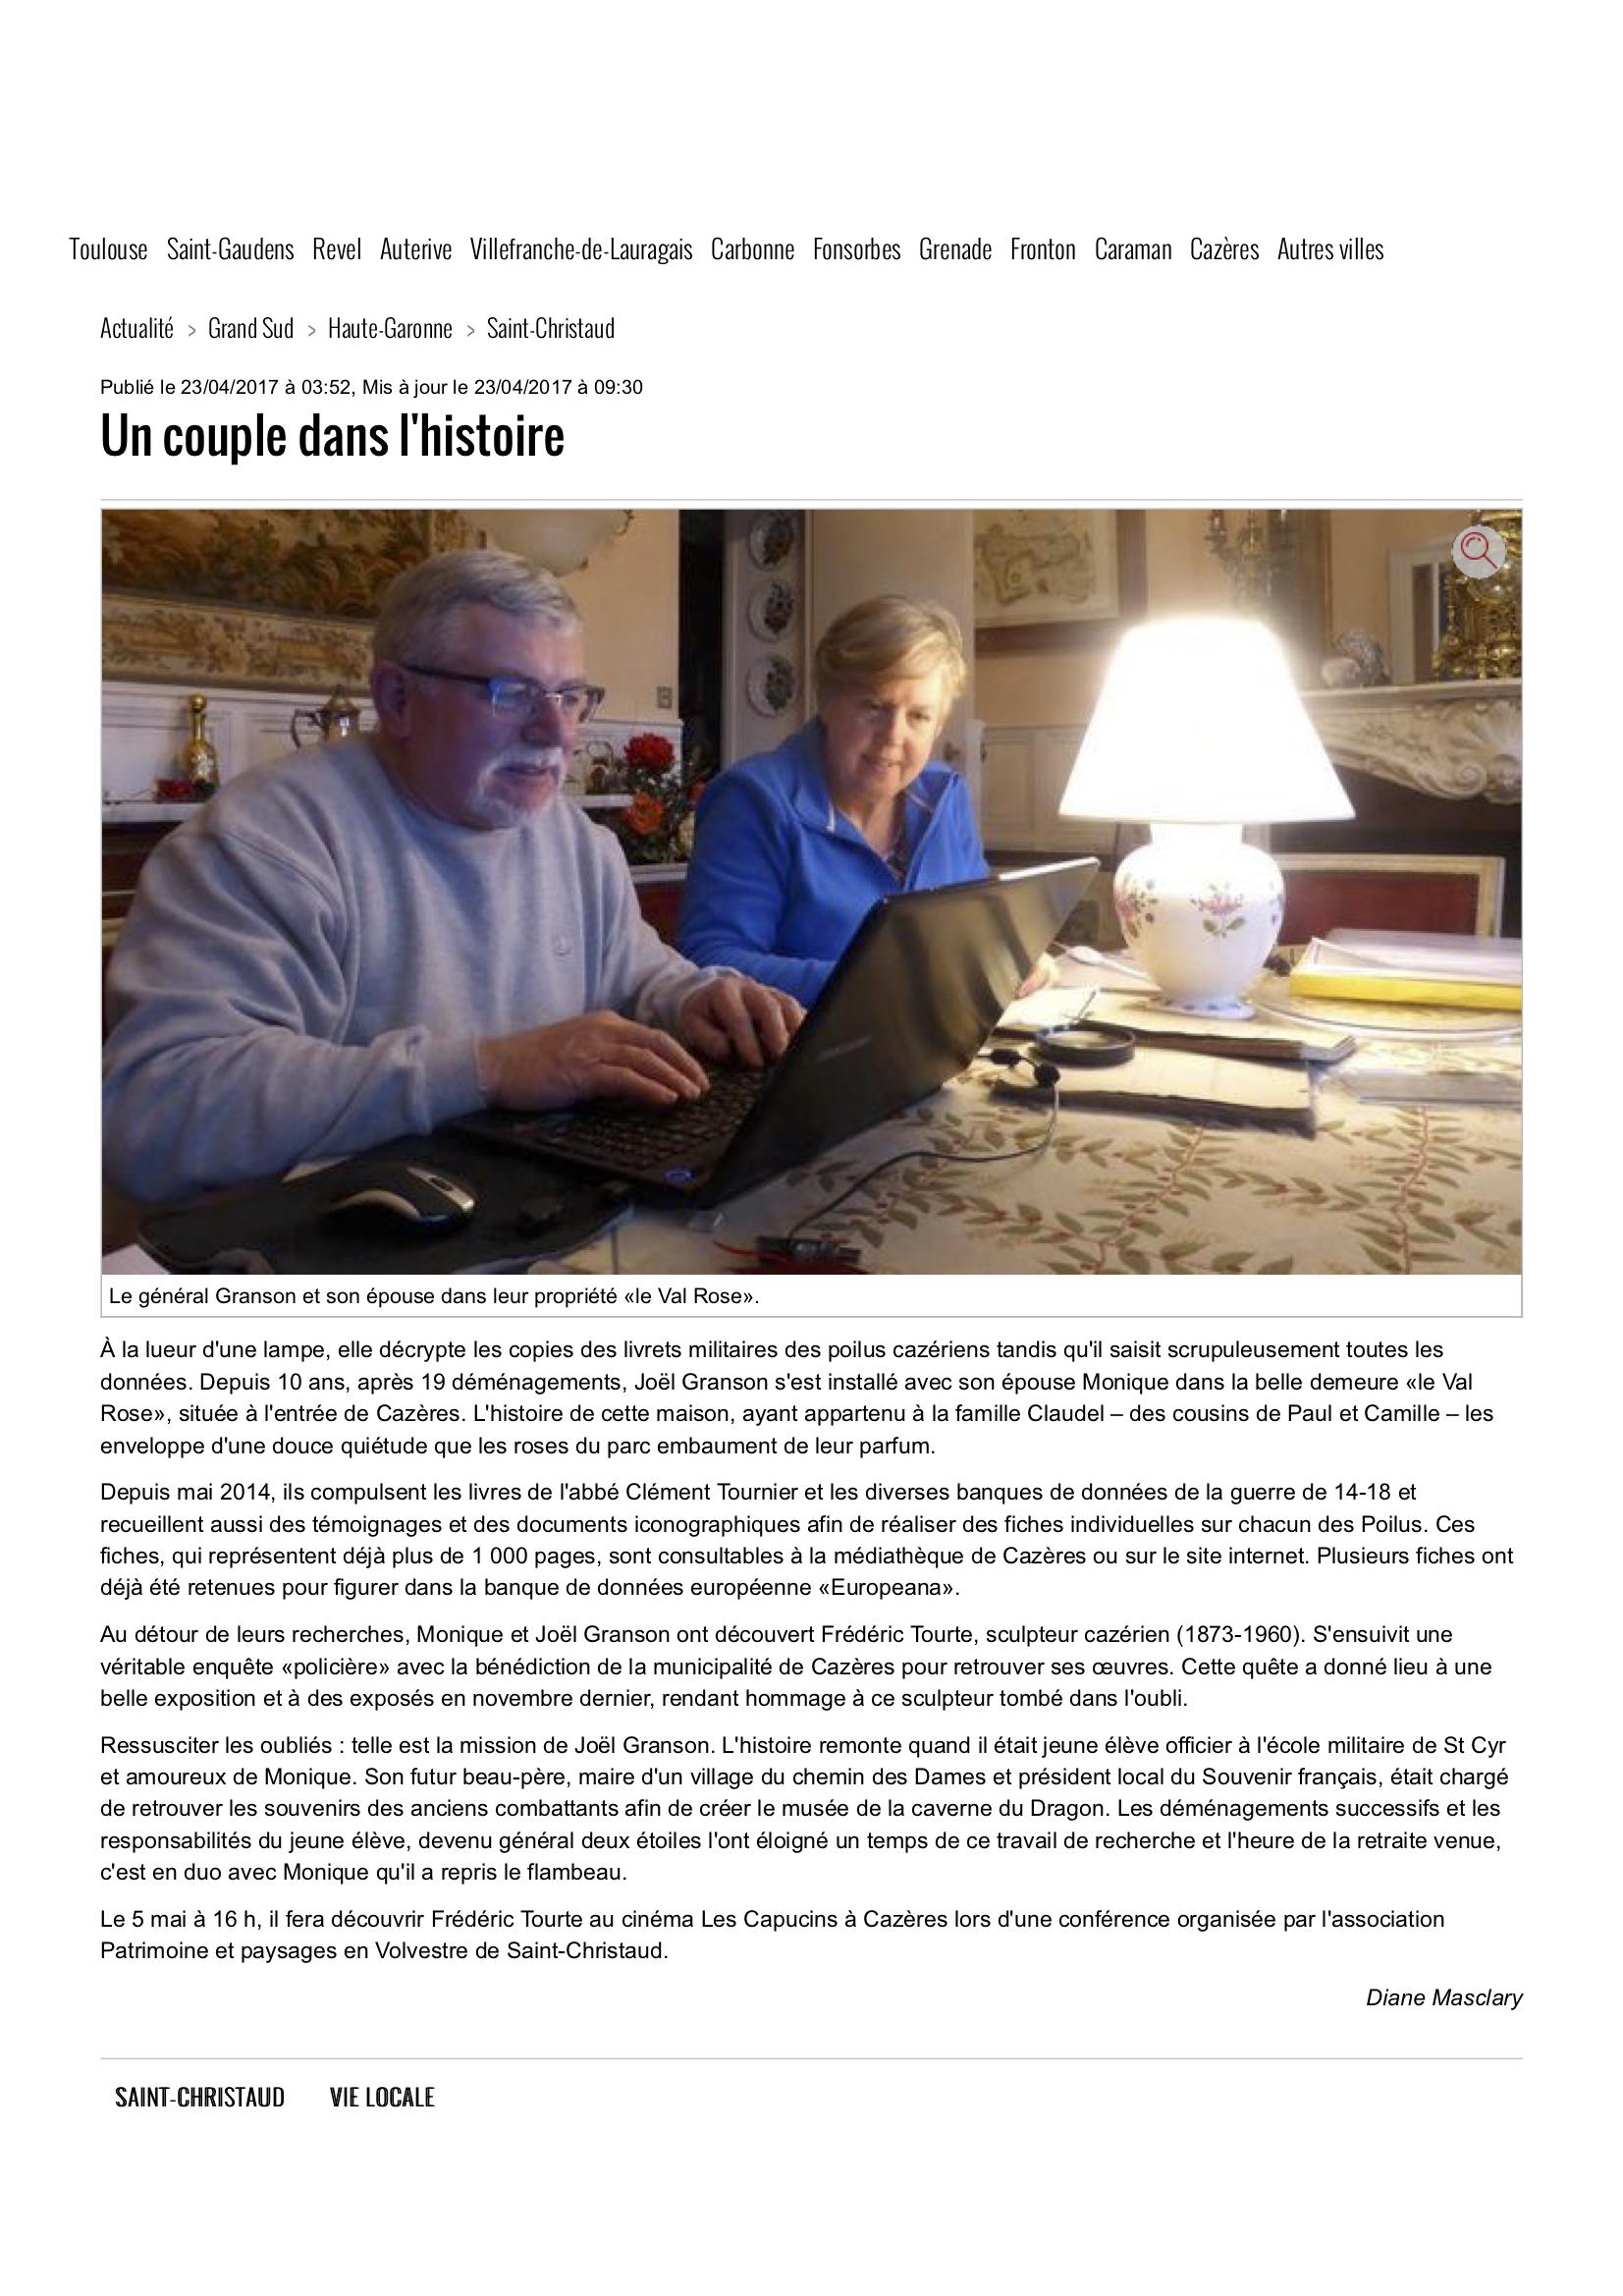 un_couple_dans_l_histoire_-_23_04_2017_-_ladepeche.fr.jpg